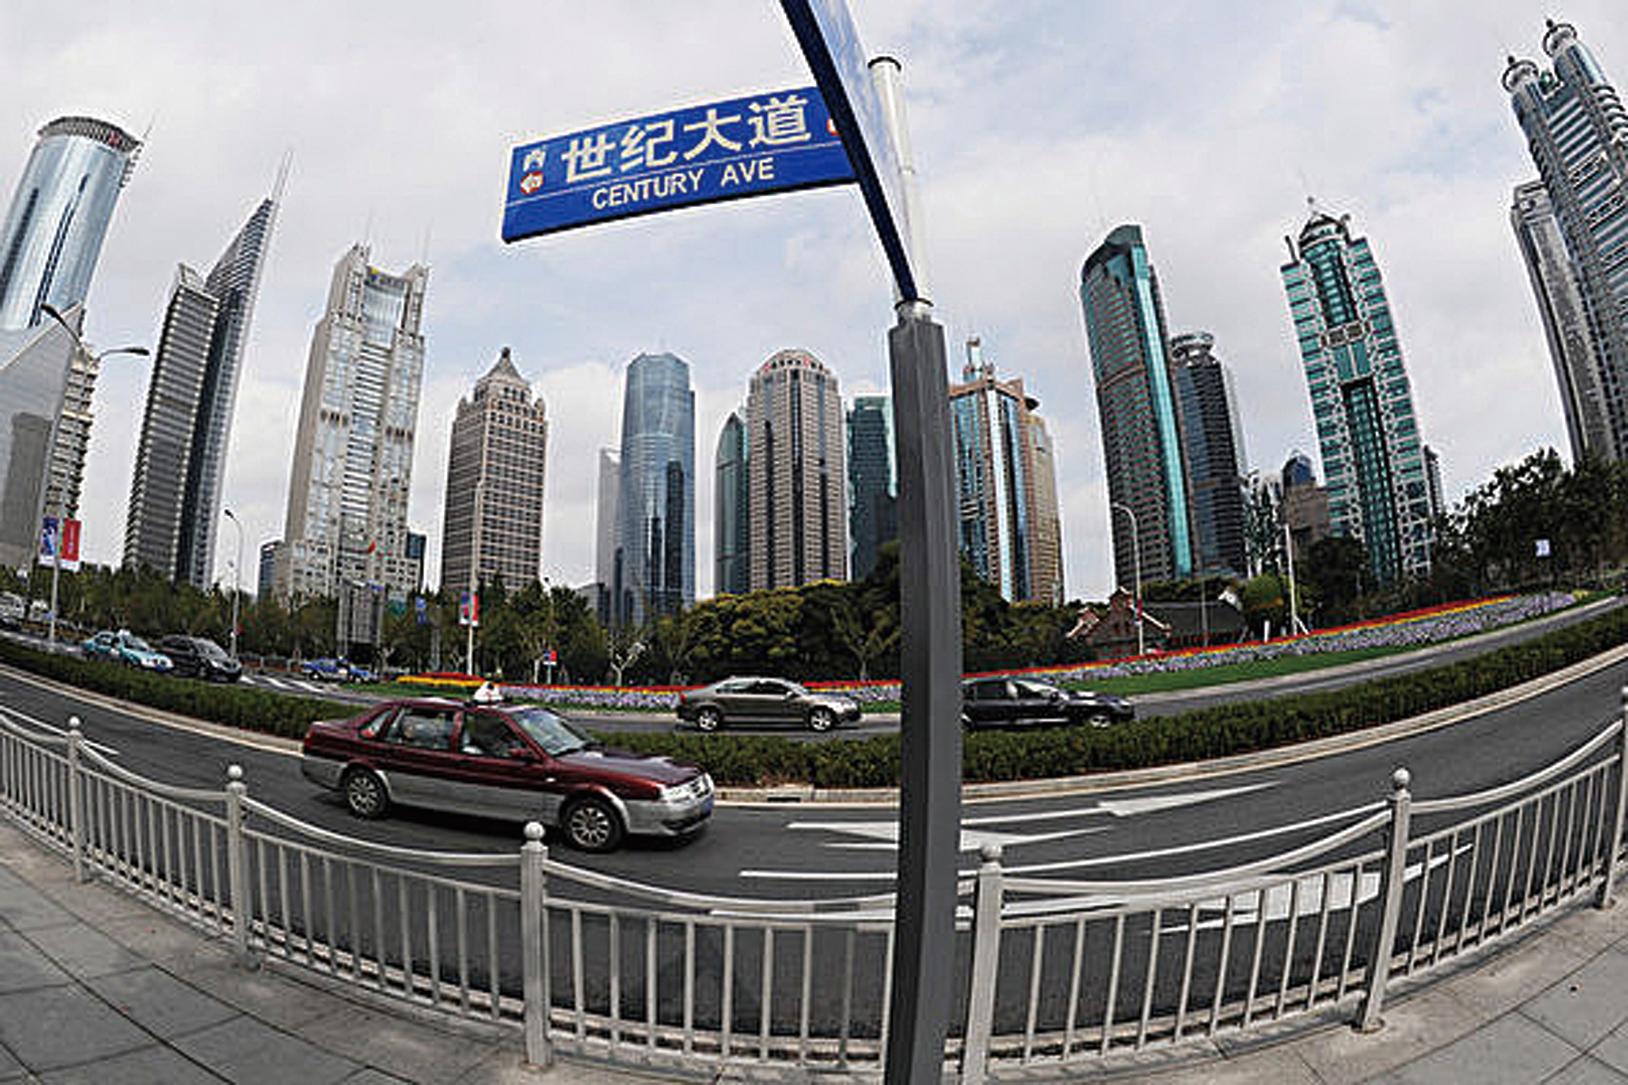 在大規模刺激方案下,中國今年有望實現6.5%至7%的經濟增長目標。(AFP PHOTO/Mark RALSTON)